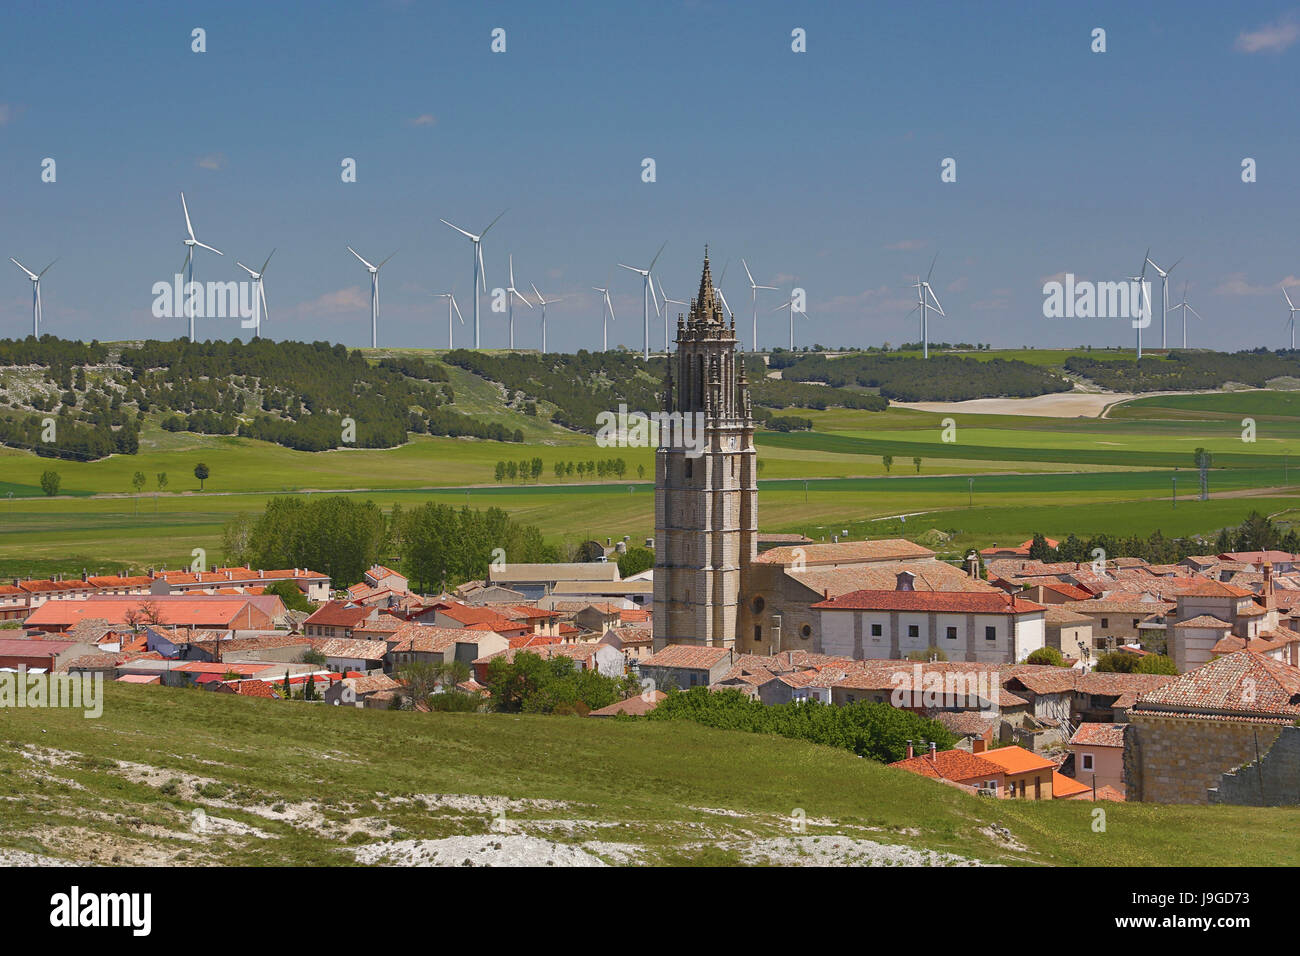 Spain, Castilla Leon Community, Palencia Province, Ampudia City, - Stock Image